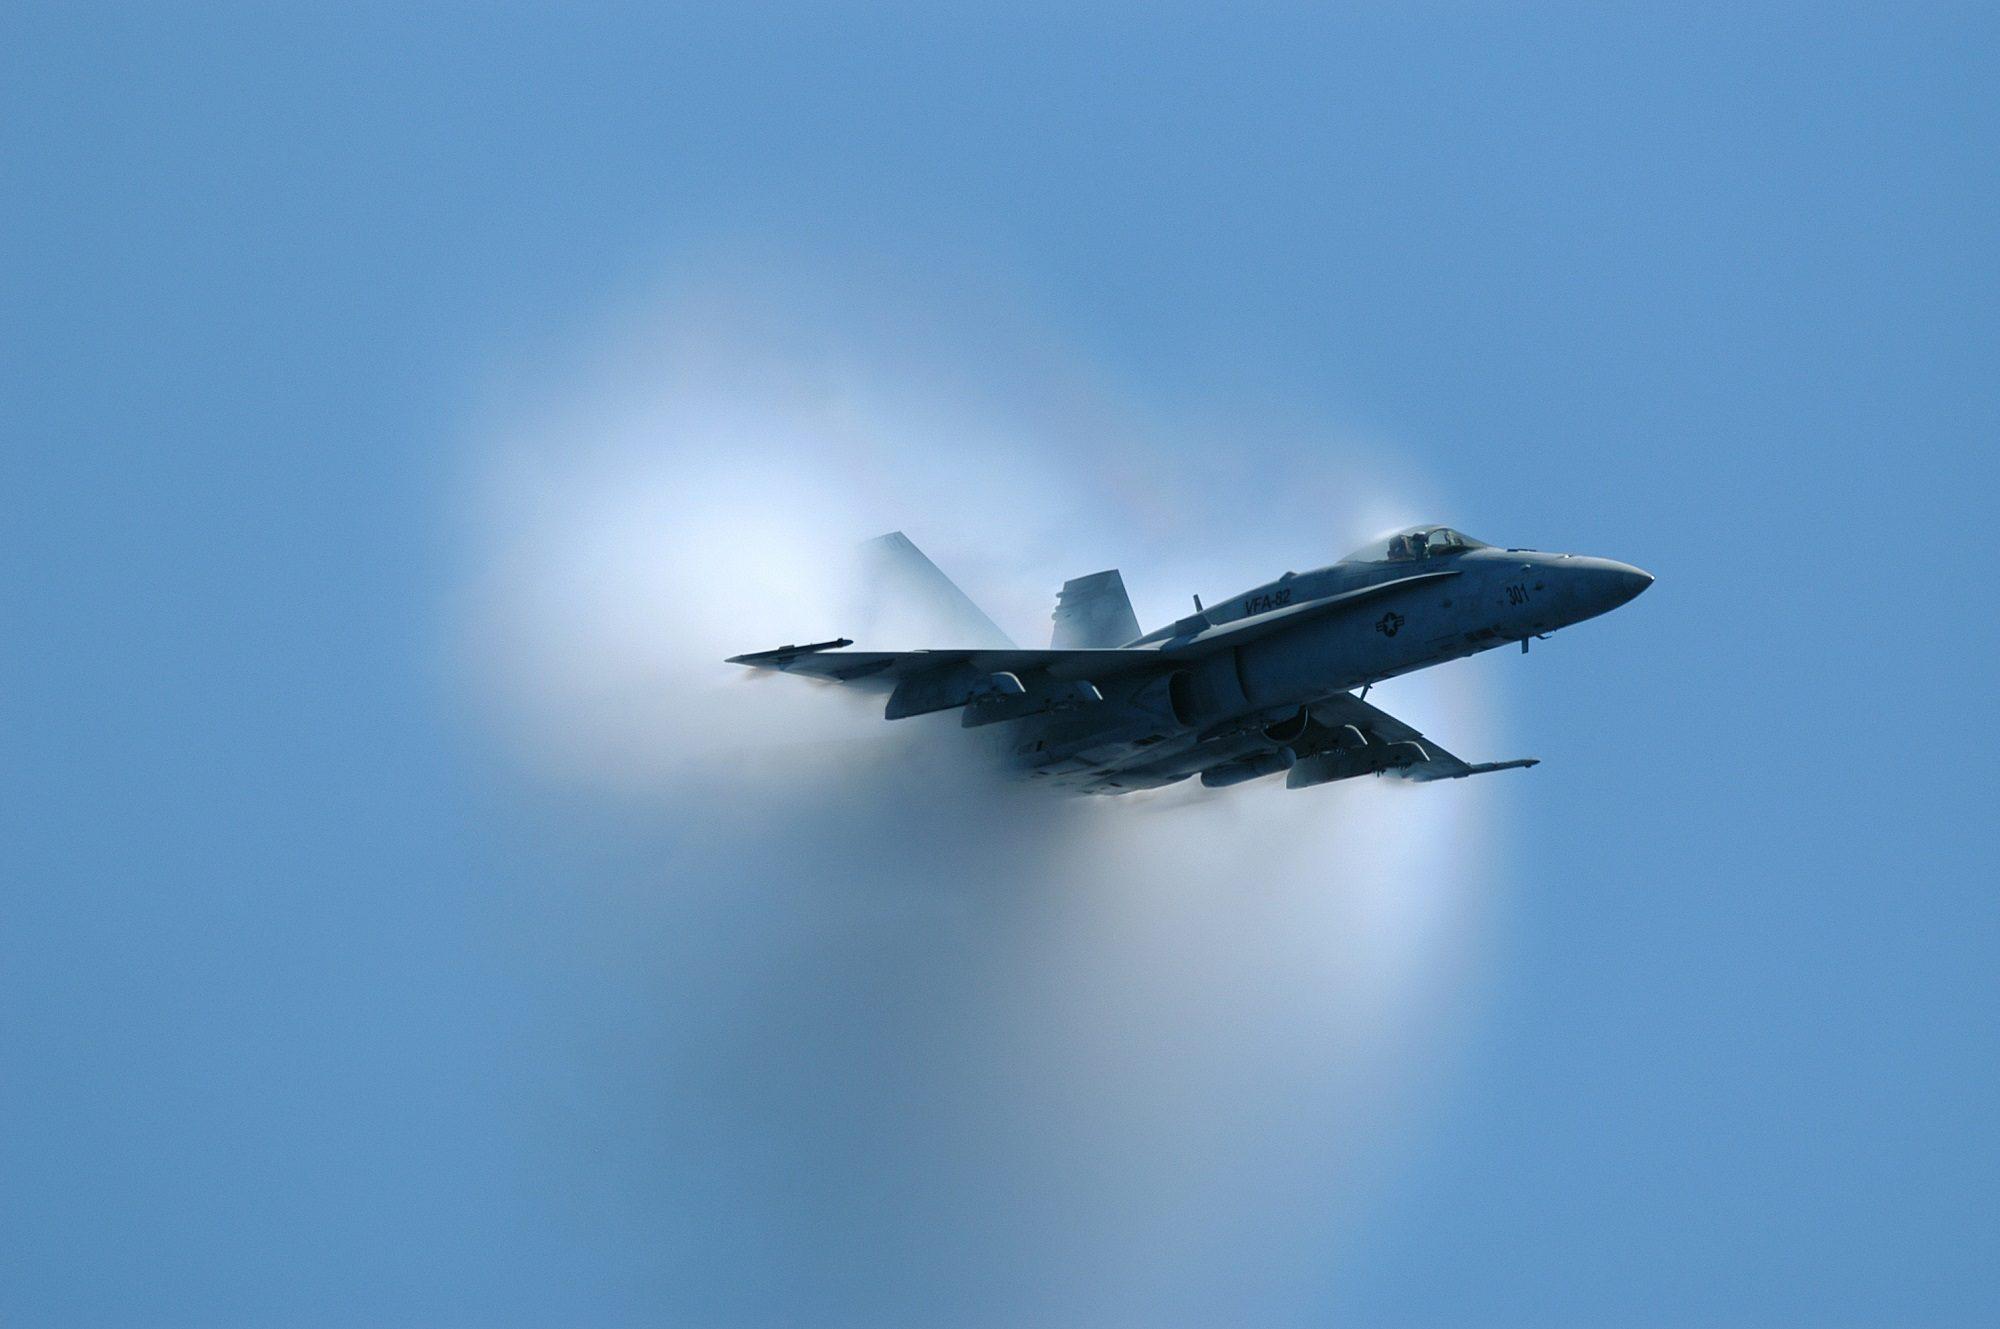 αεροσκάφη, φράγμα, ήχος, ταχύτητα, έκρηξη - Wallpapers HD - Professor-falken.com